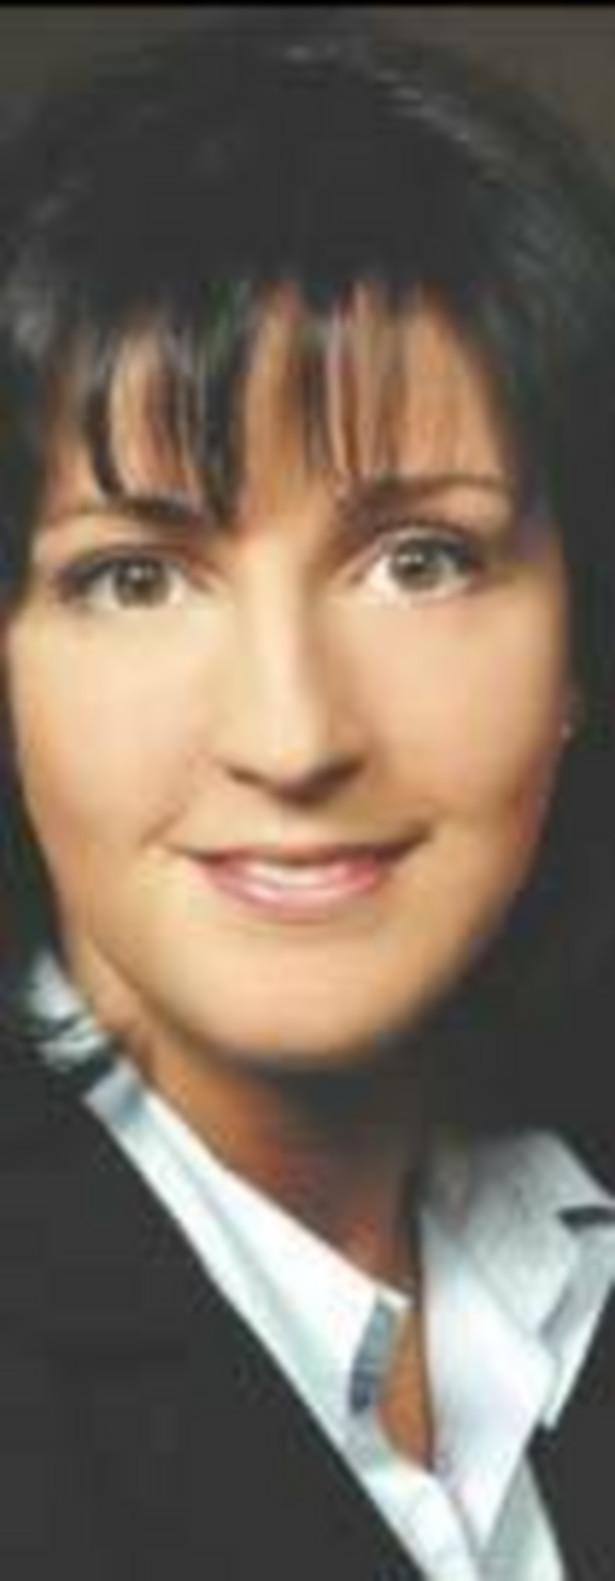 Aleksandra Lityńska, prawnik w Kancelarii Baker & McKenzie